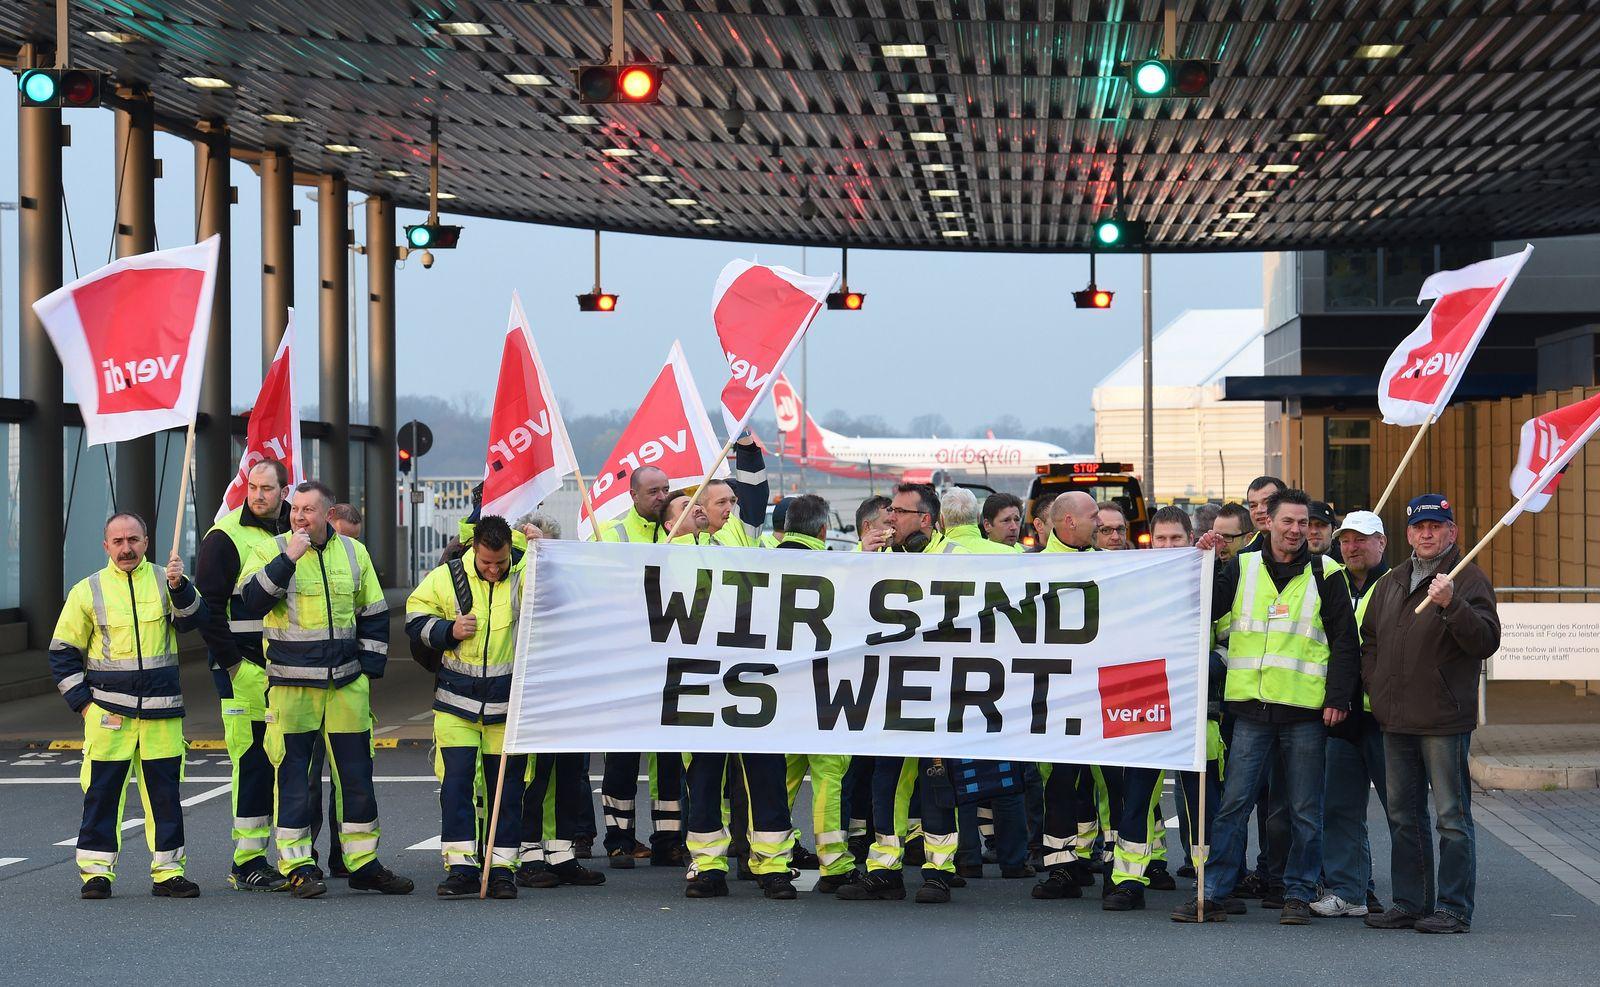 Streik / Flughafen